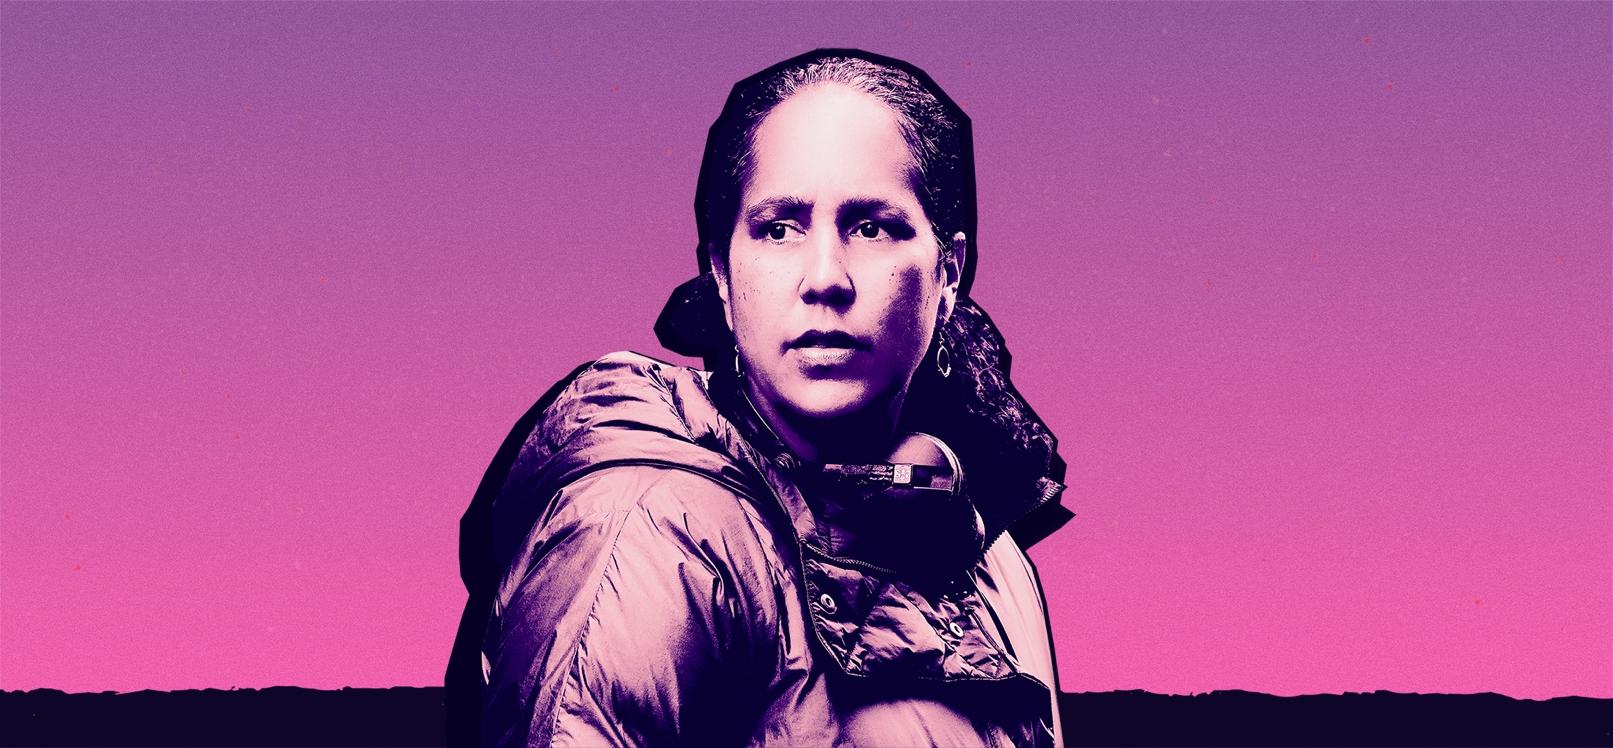 Director Gina Prince-Bythewood